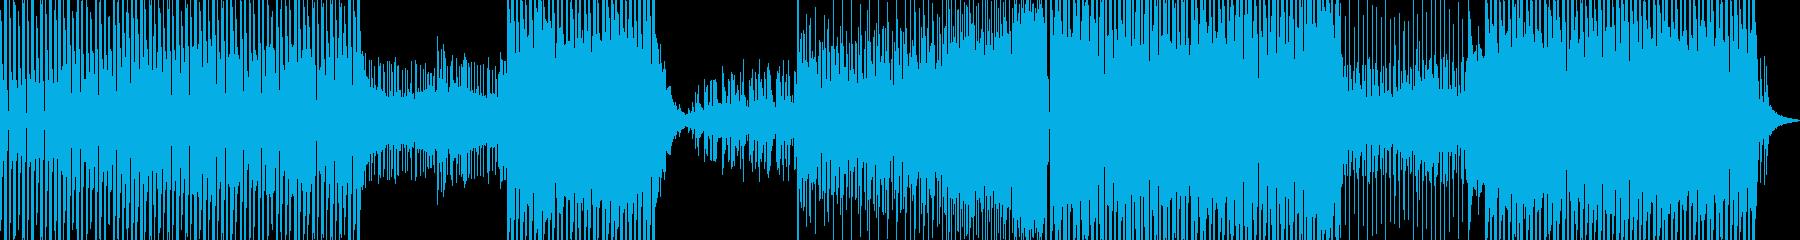 キャッチーなシンセポップの再生済みの波形